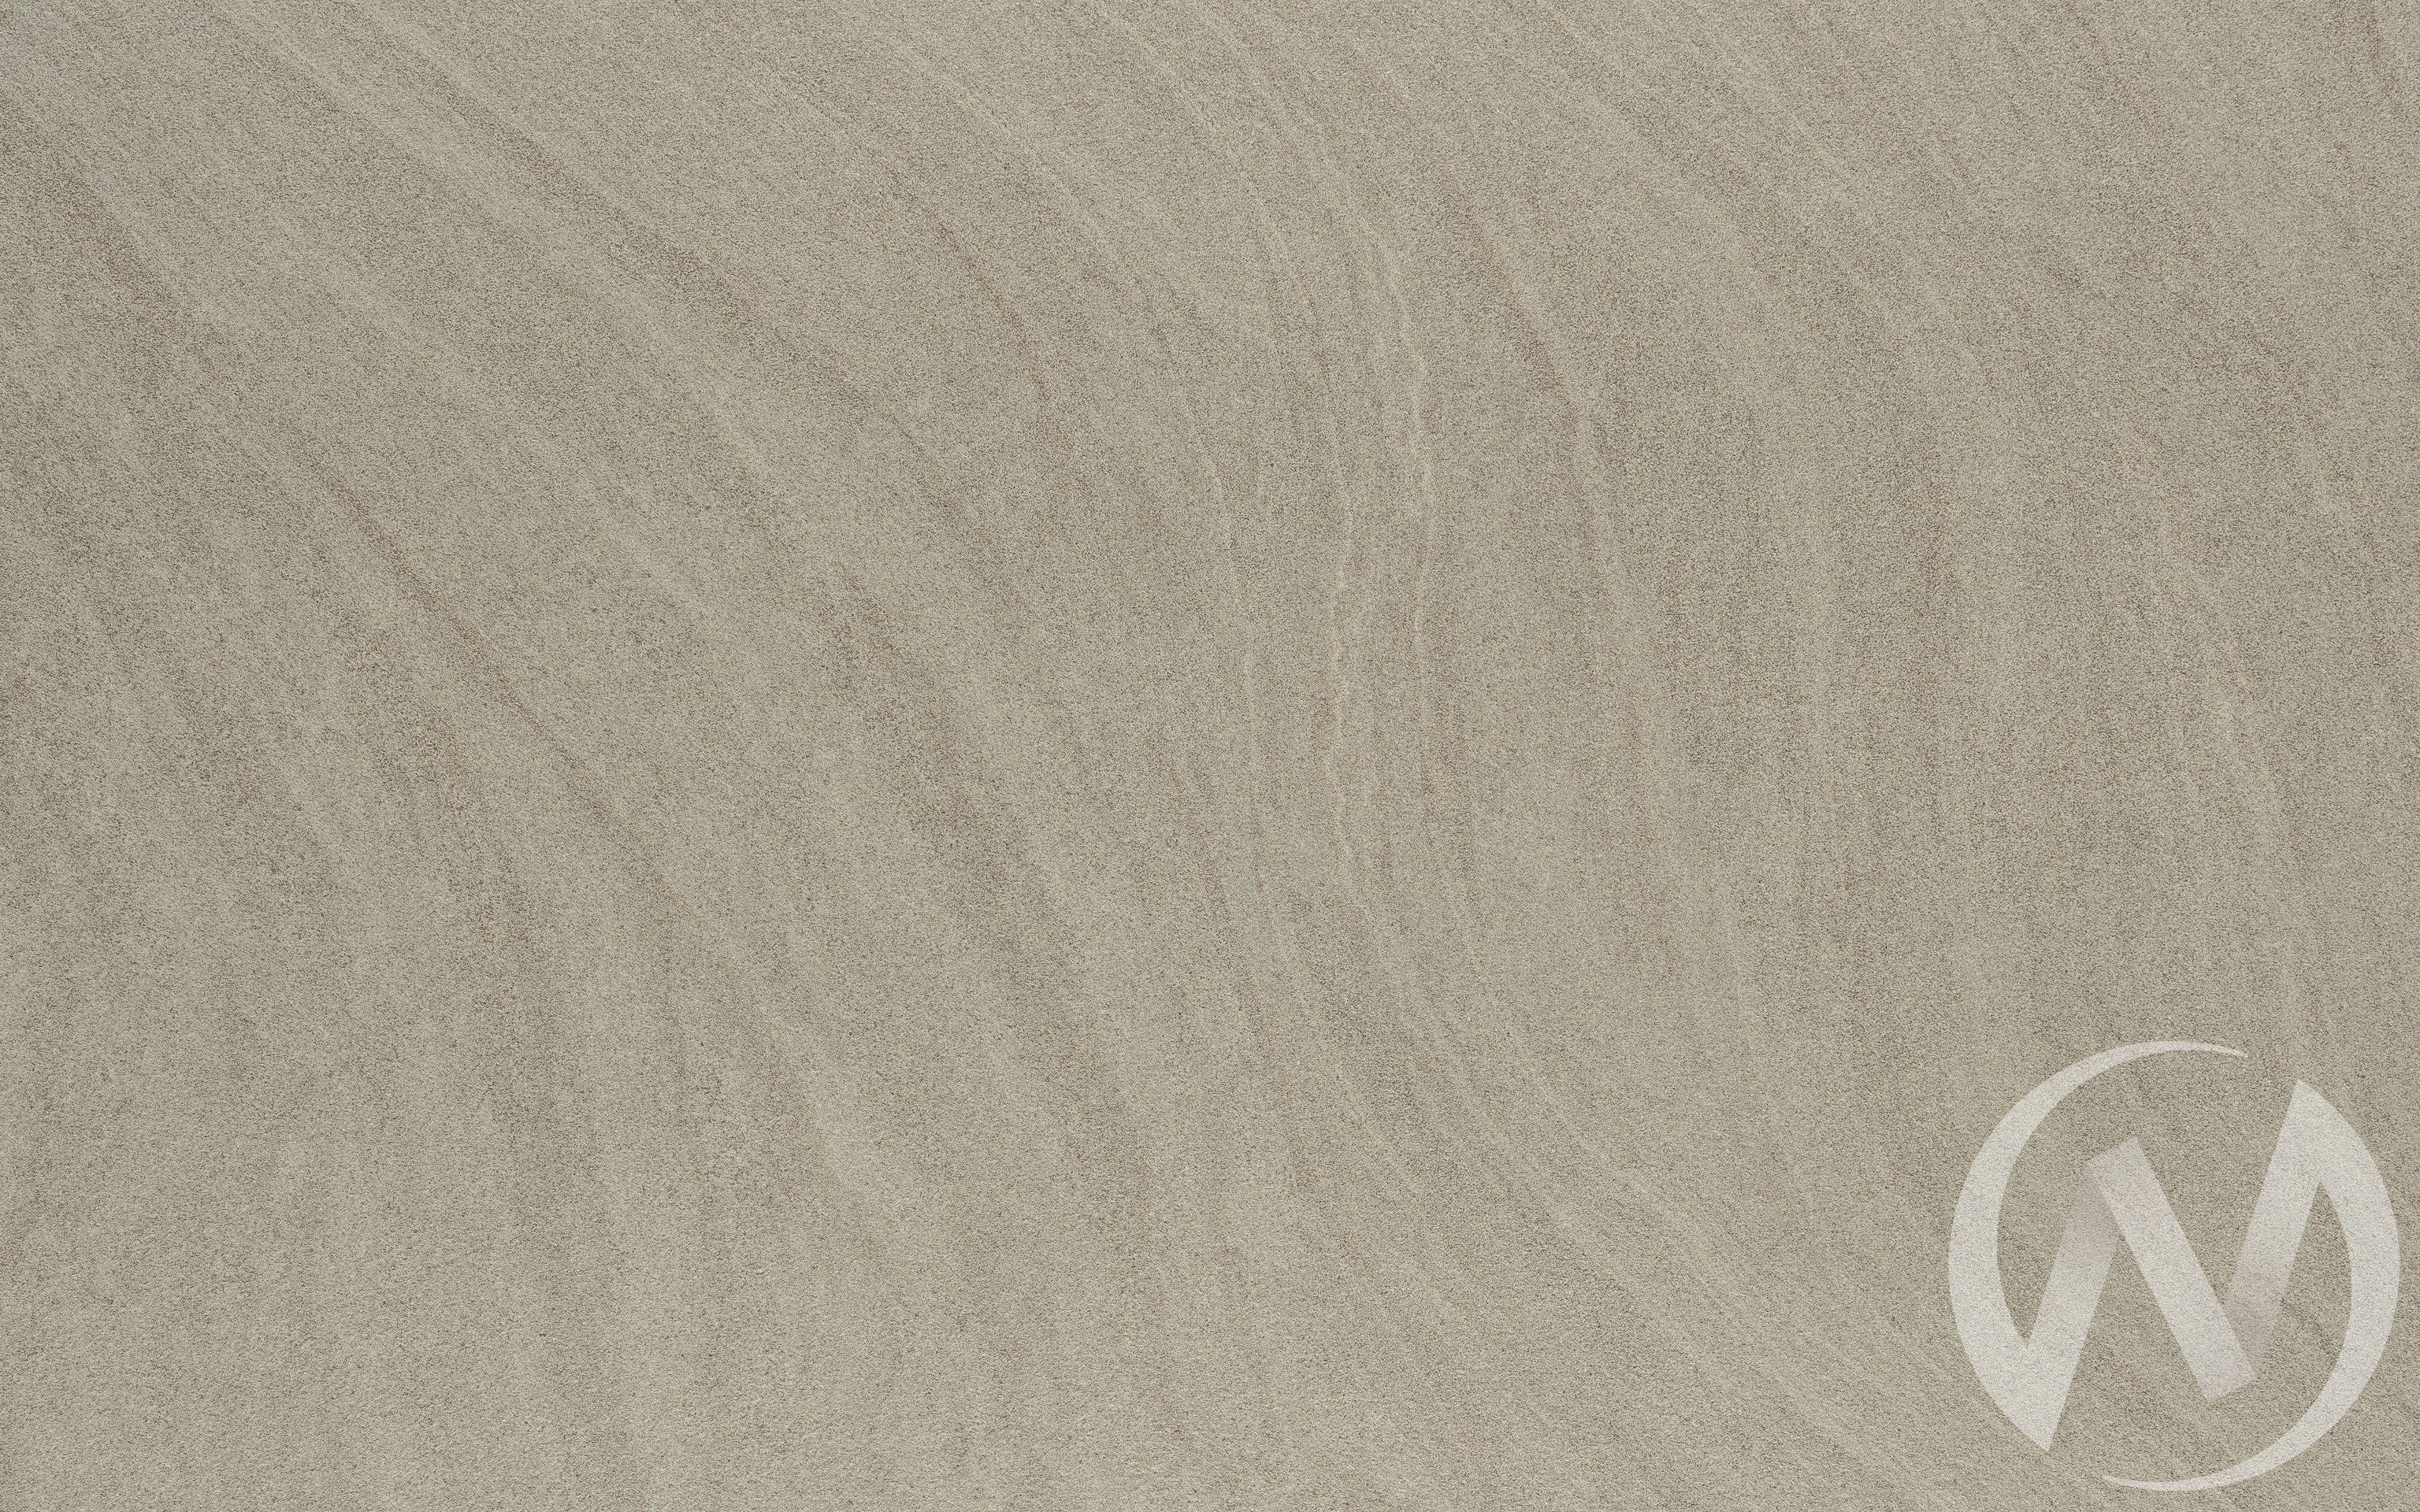 Мебельный щит 3000*600/6мм № 18 паттайя недорого в Томске — интернет-магазин авторской мебели Экостиль